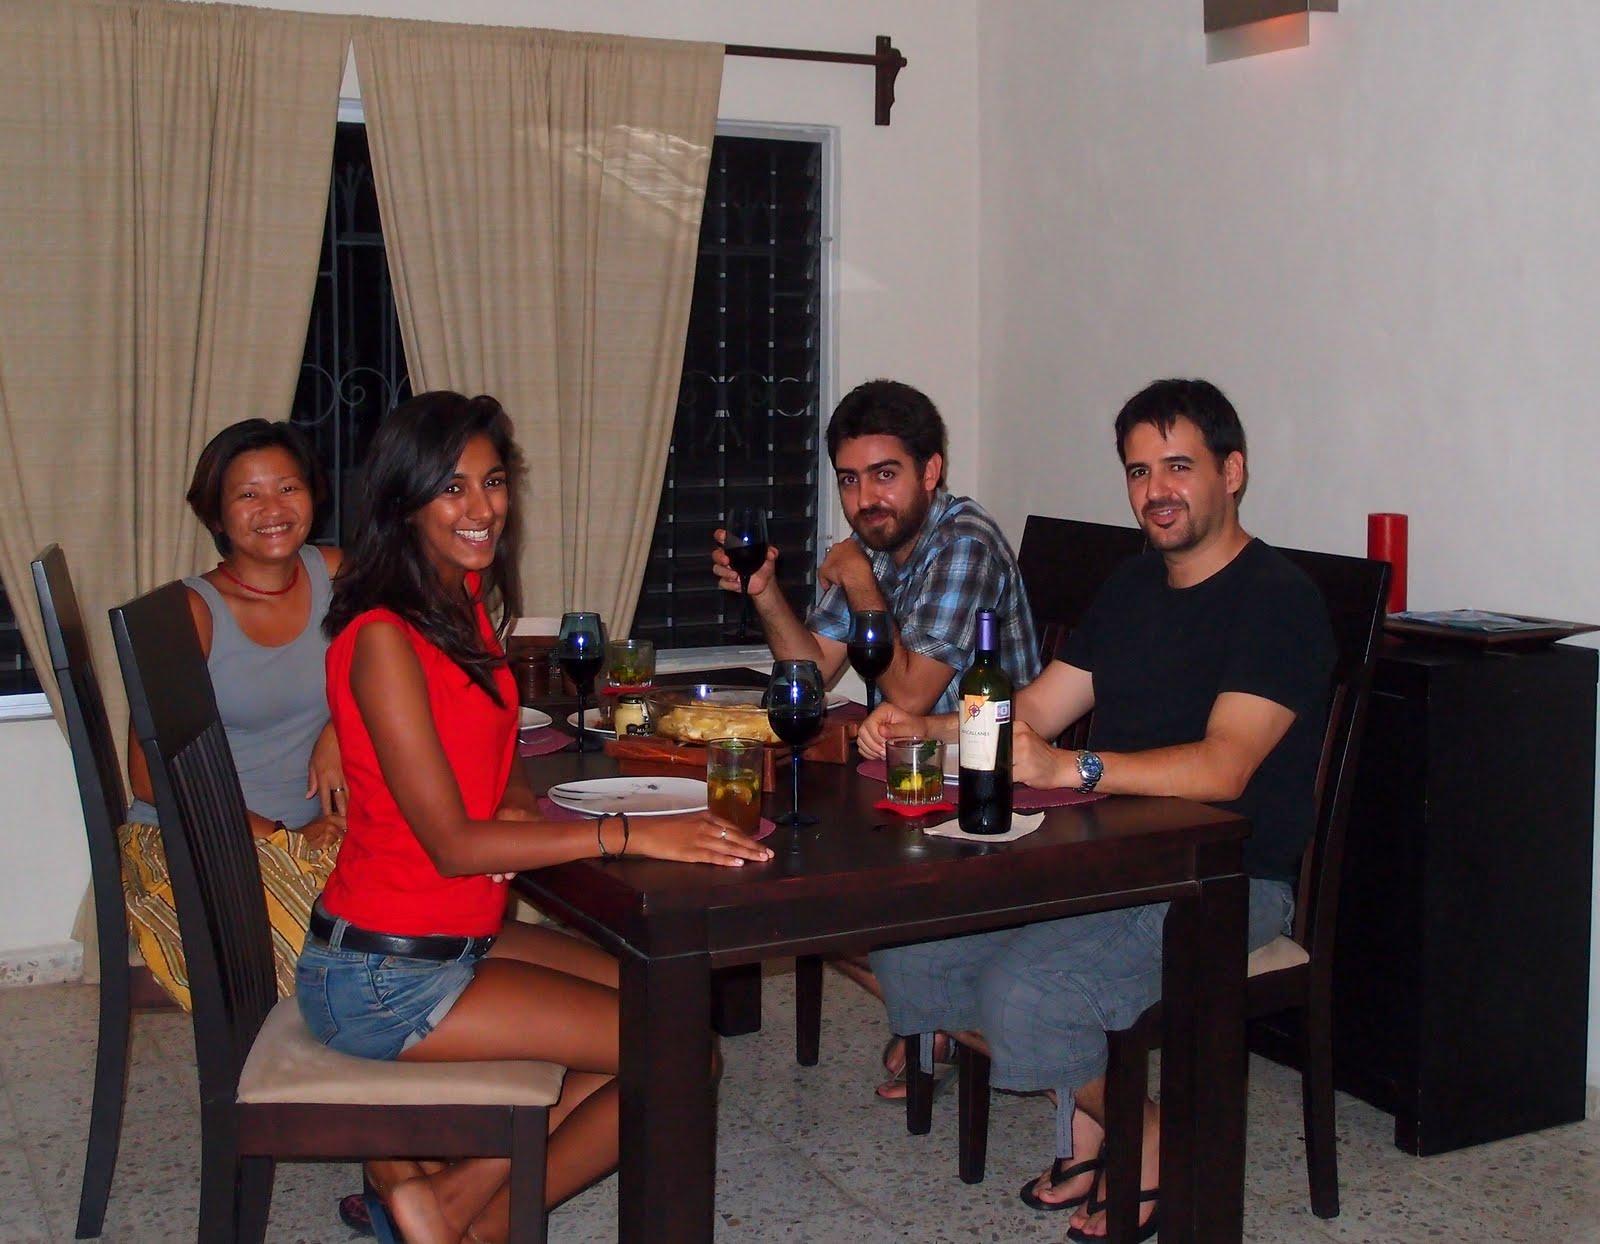 chetumal chat Desde el chat chetumal tendras la oportunidad de conocer muchos amigos chat chetumal gratis tu sala para conocer gente, chatear en chetumal es muy facil y no necesita de registro.